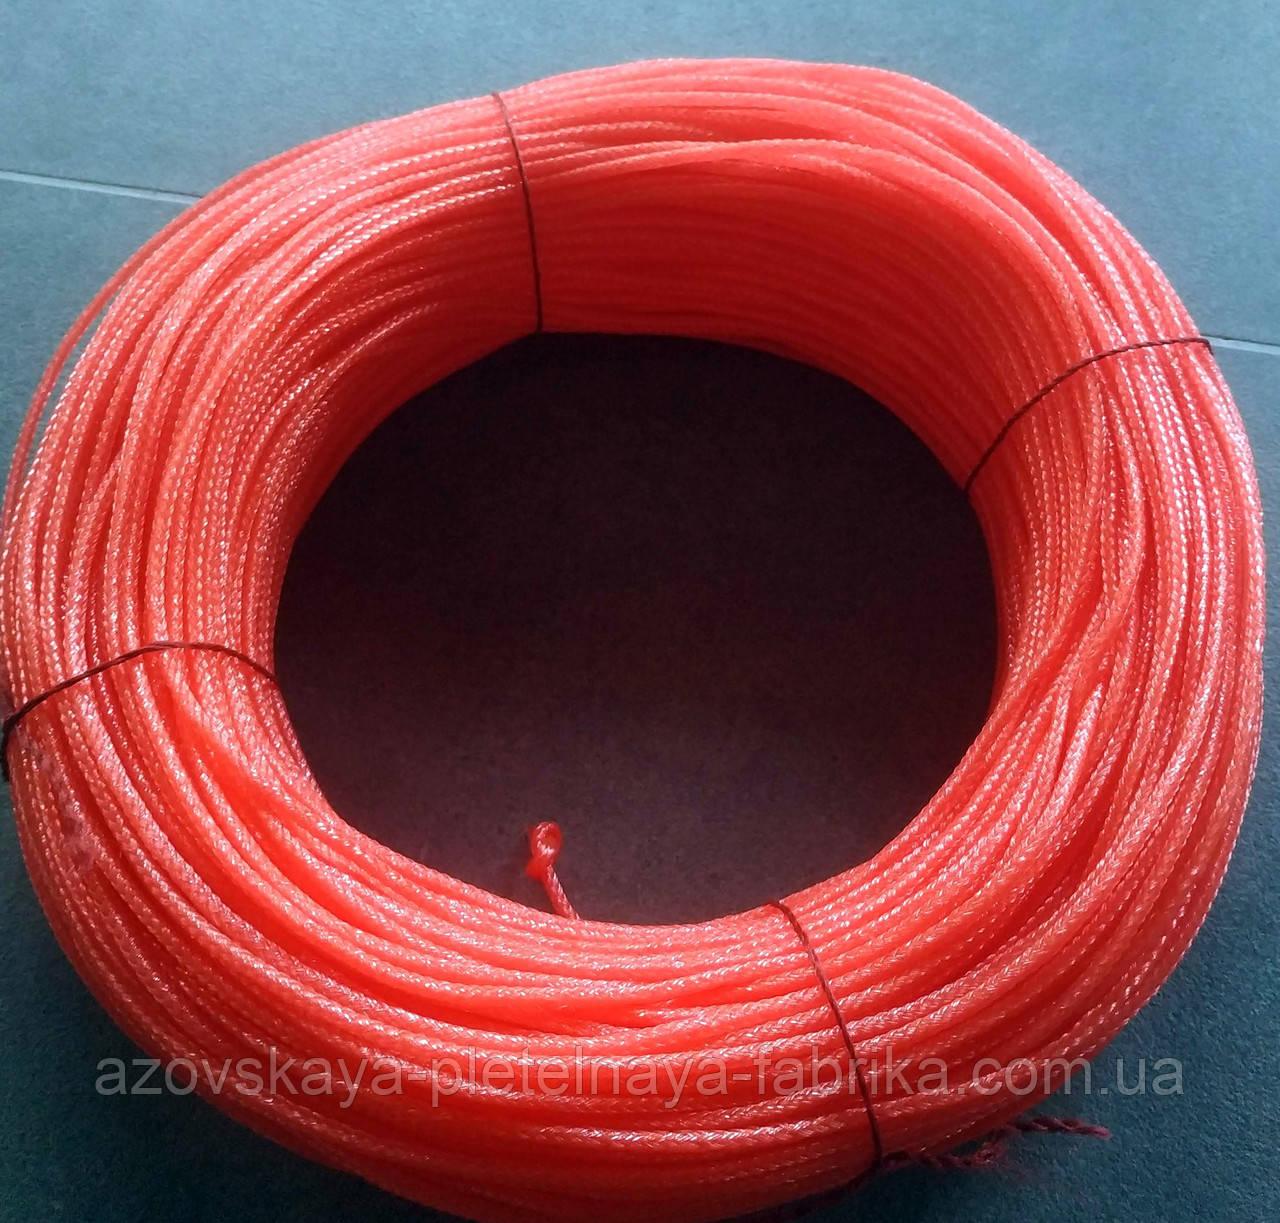 Фал лесковый плетеный 4 мм 200 м